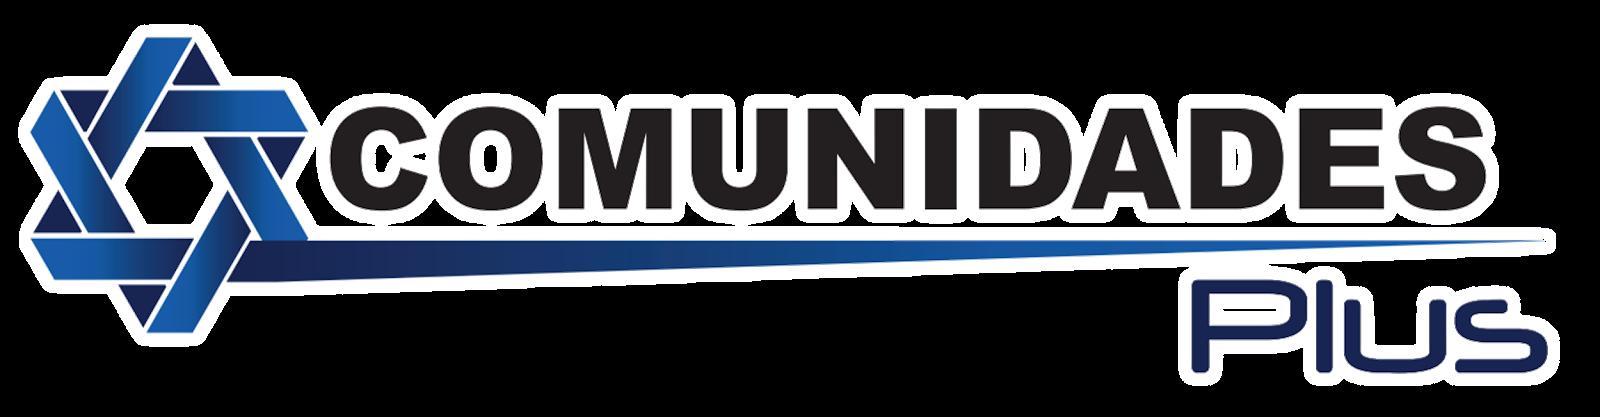 Comunidades Plus